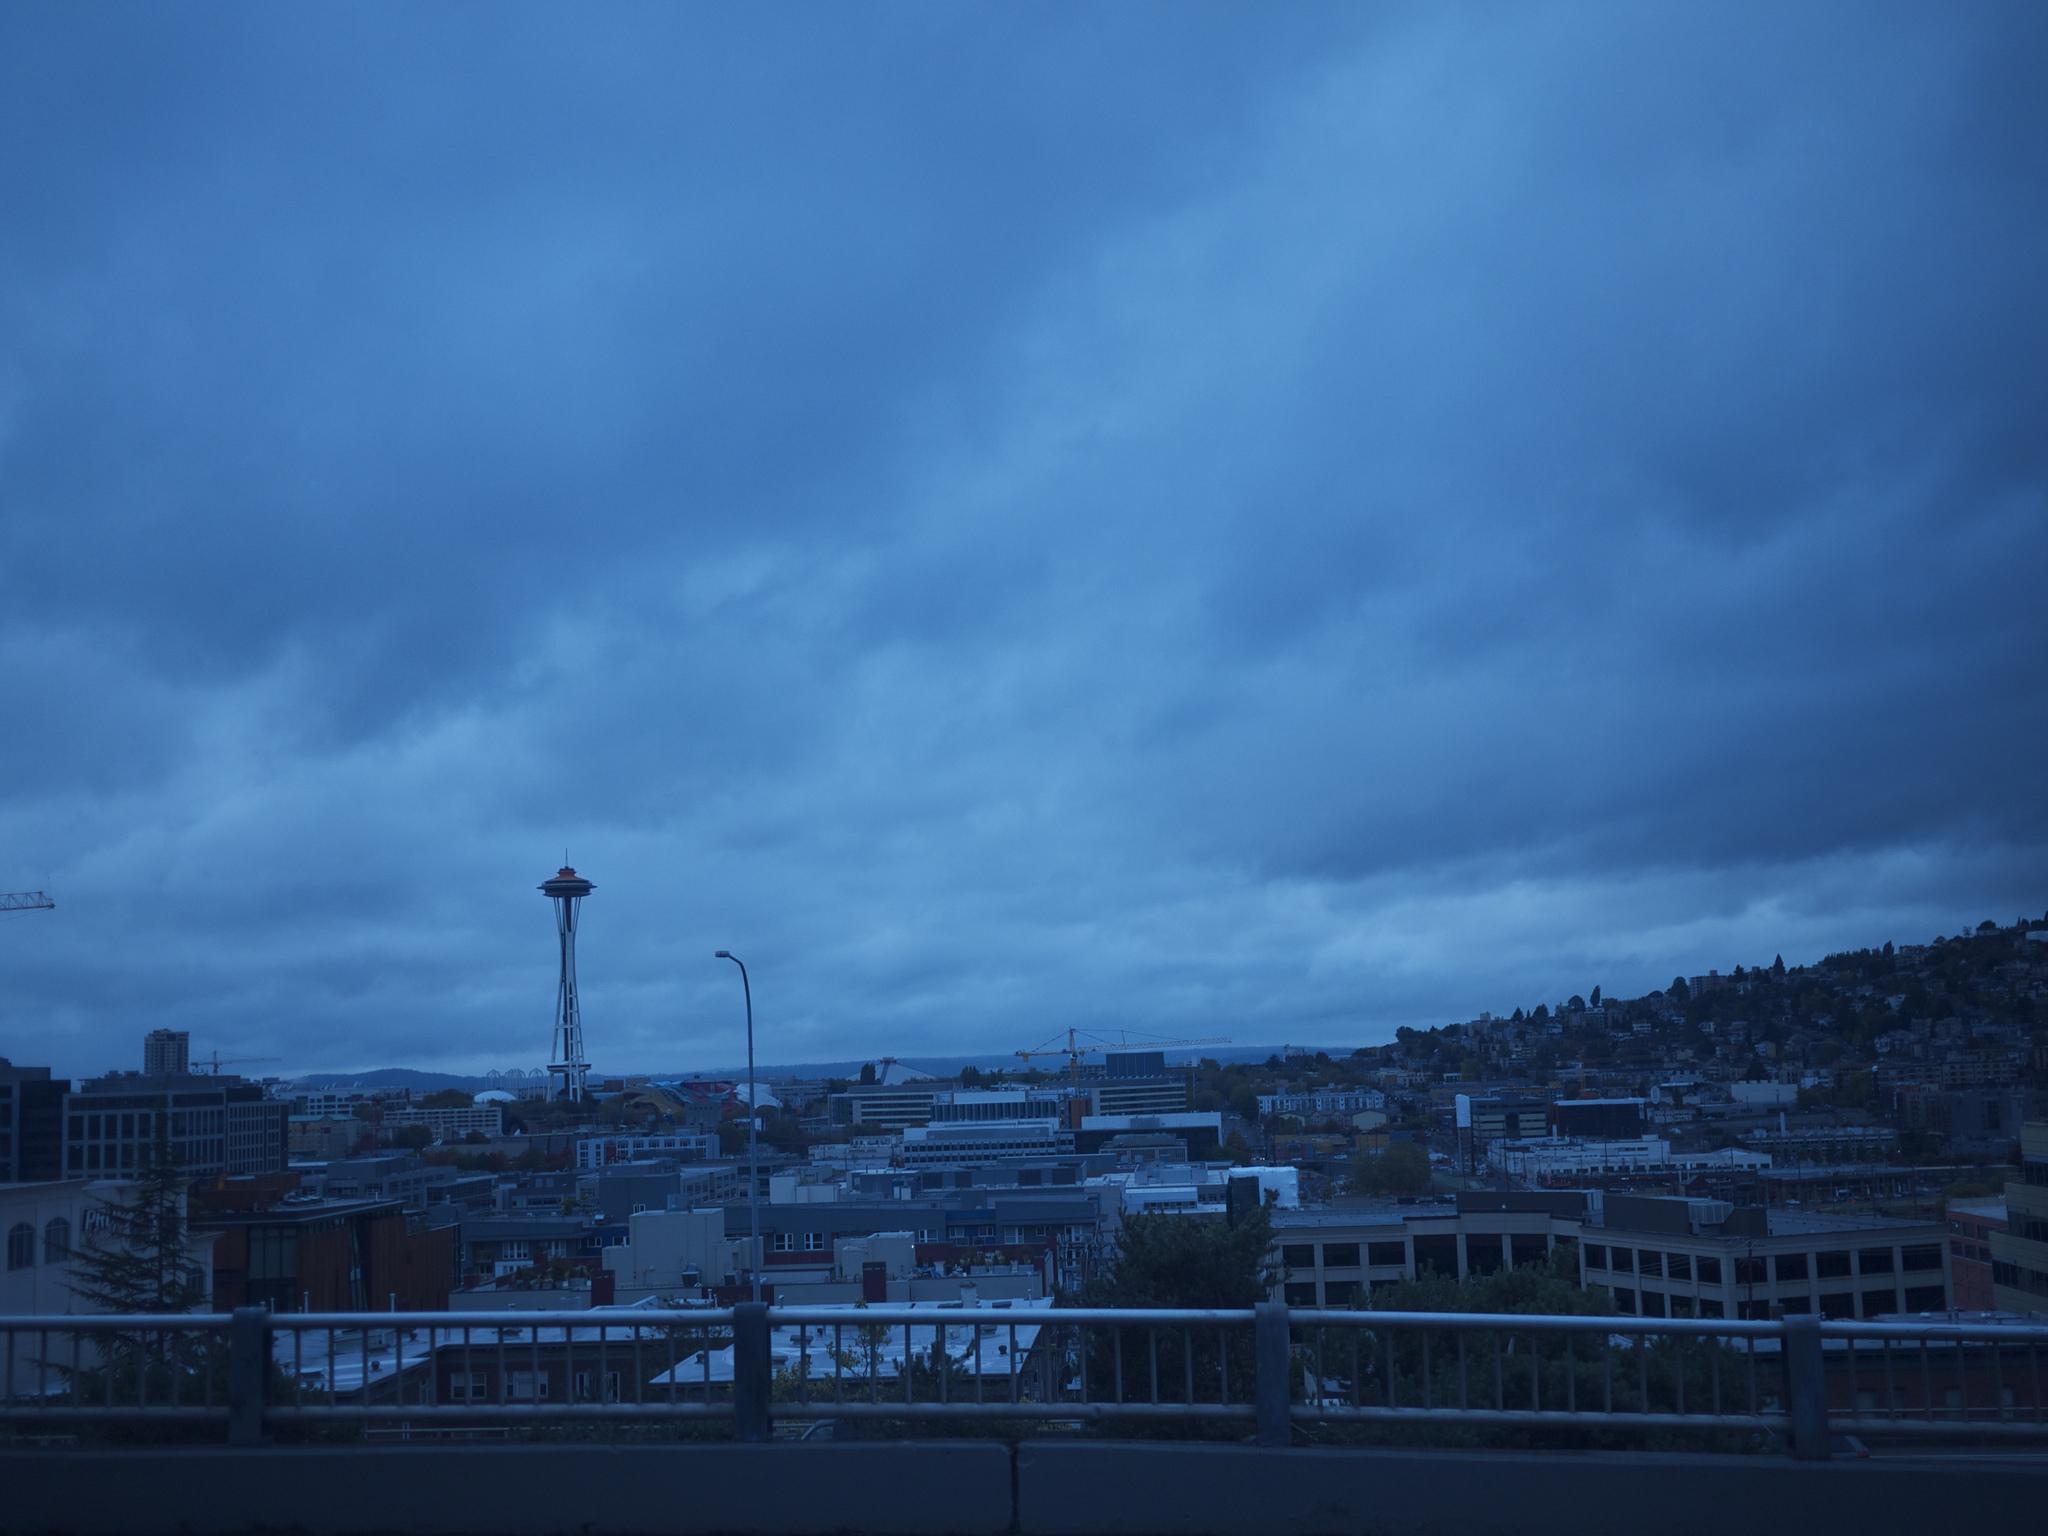 Seattle is pretty. FYI.